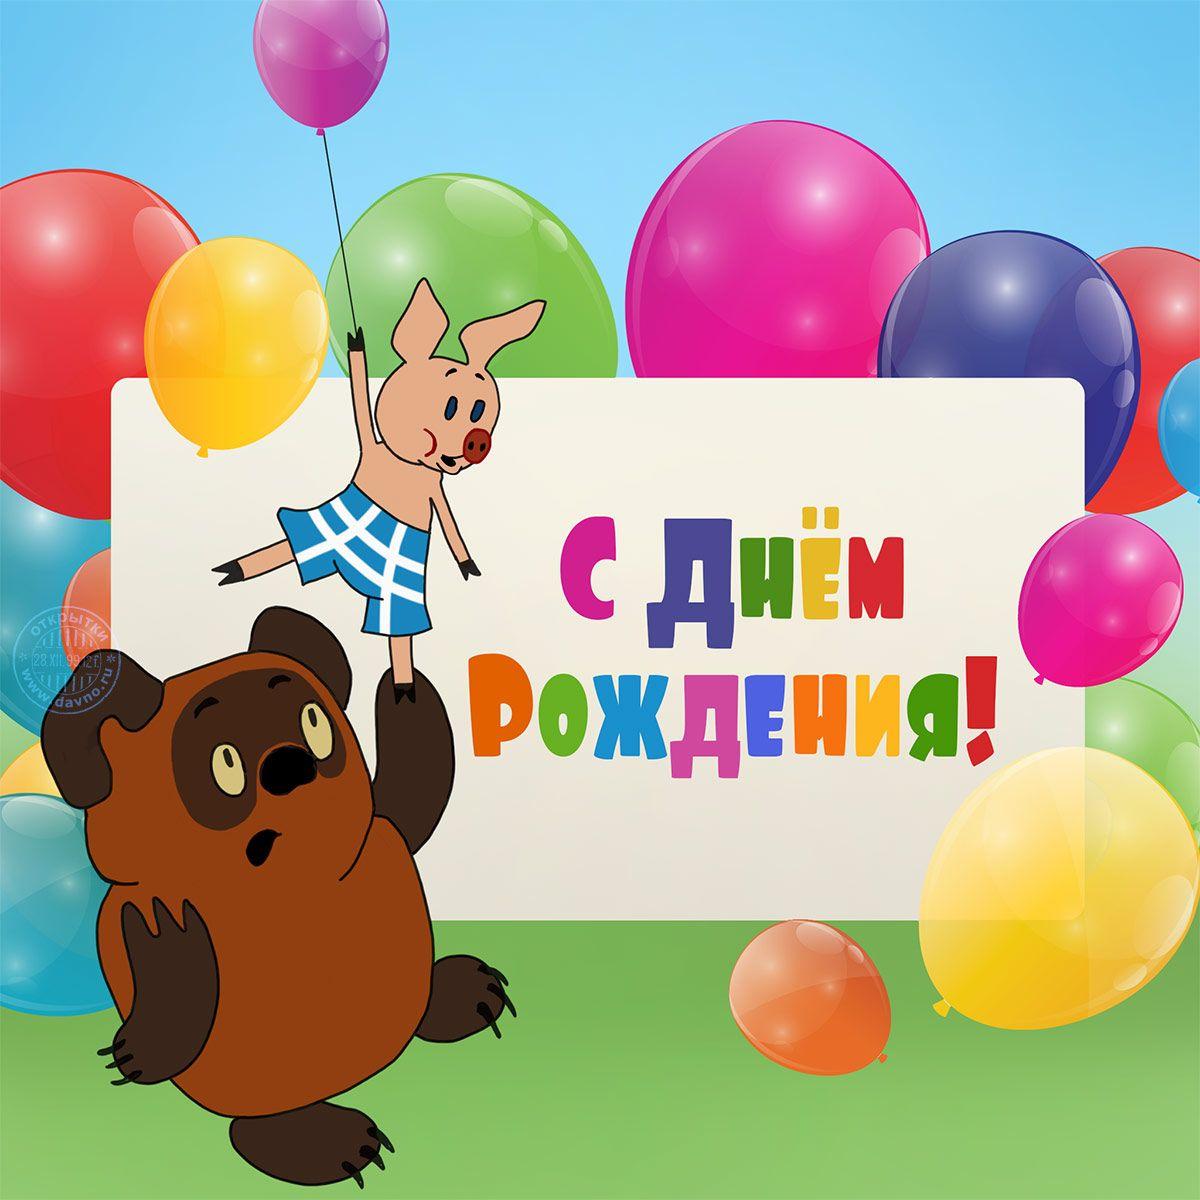 описание поздравить воспитанника с днем рождения для начала как